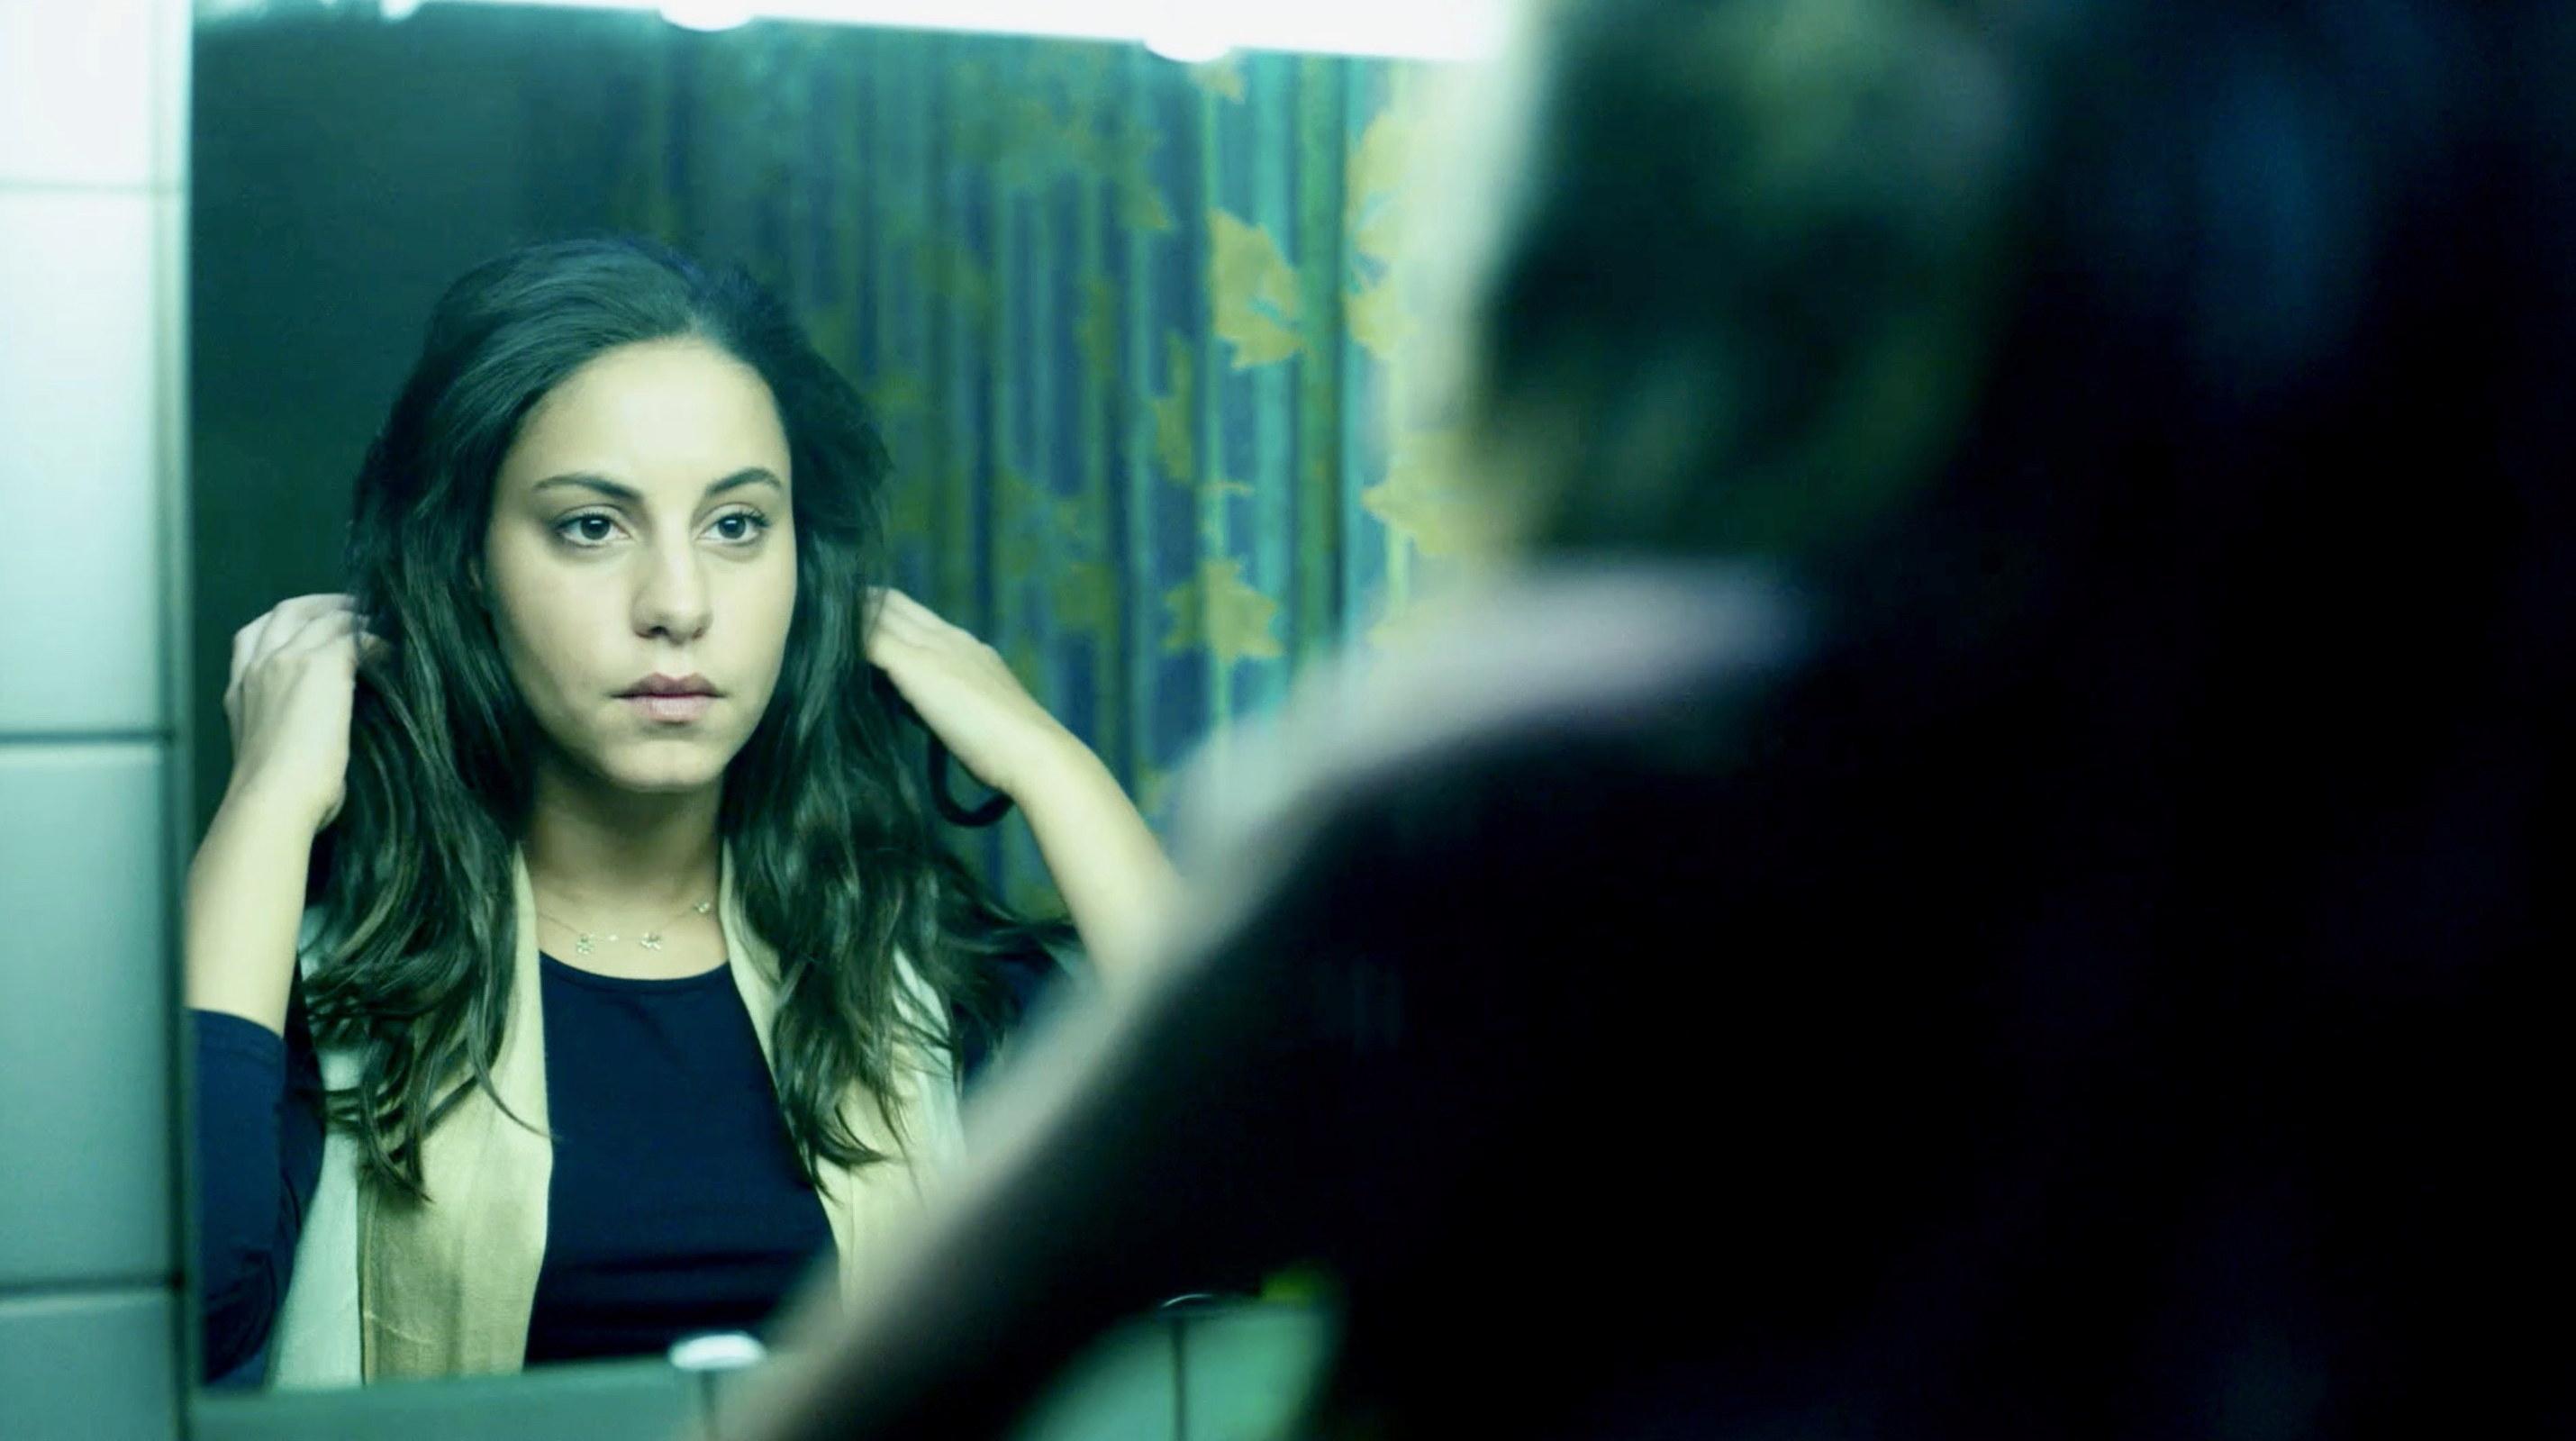 Nur eine Frau - entschlossen legt Aynur ihr Kopftuch ab - Regie Sherry Hormann - Kamera Judith Kaufmann